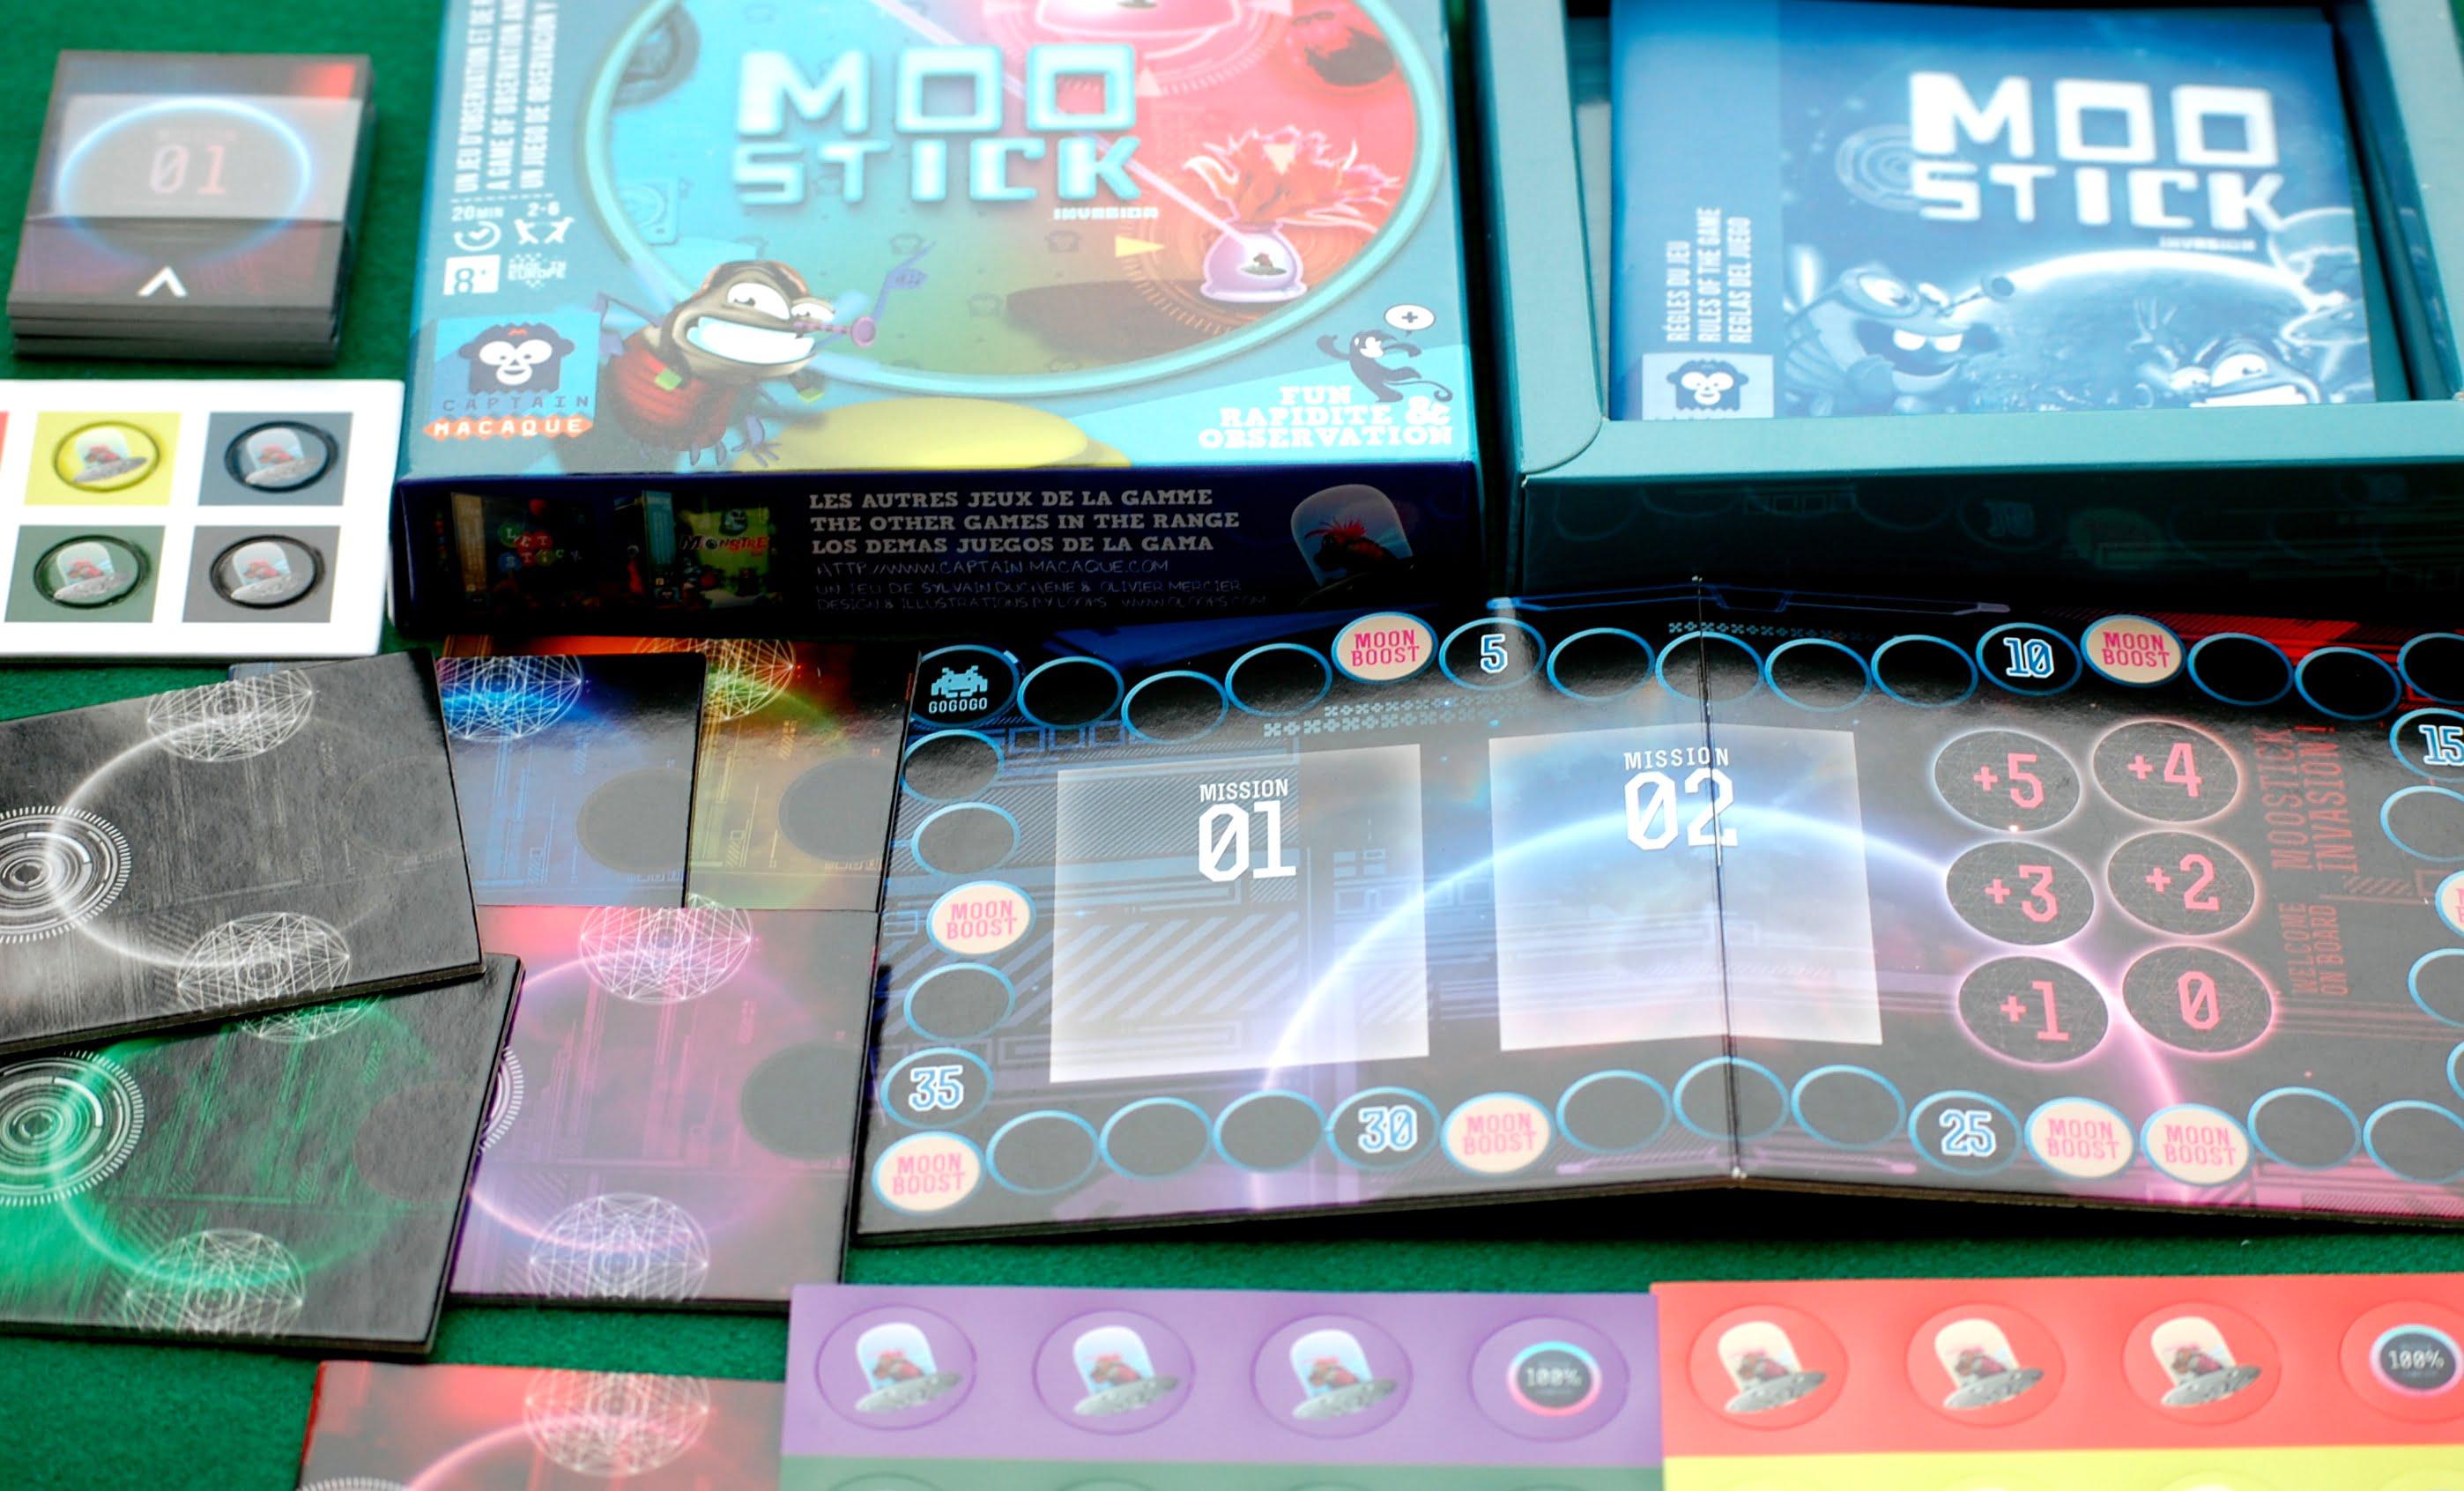 Unboxing sembrerebbe solo un innocuo gioco per bambini ma pericolosi invasori alieni vi si